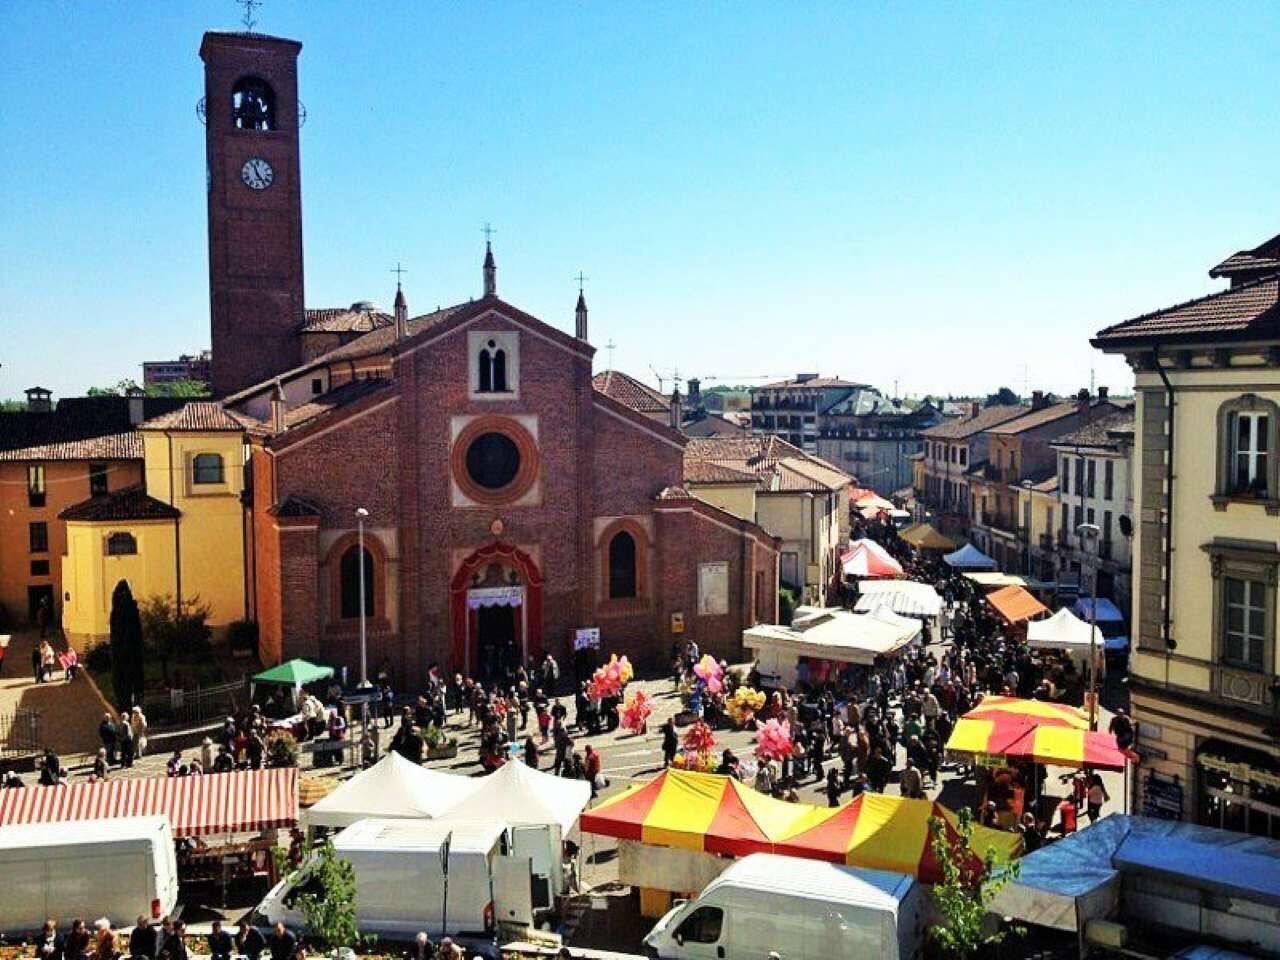 Ristorante / Pizzeria / Trattoria in vendita a Melegnano, 3 locali, prezzo € 35.000 | CambioCasa.it